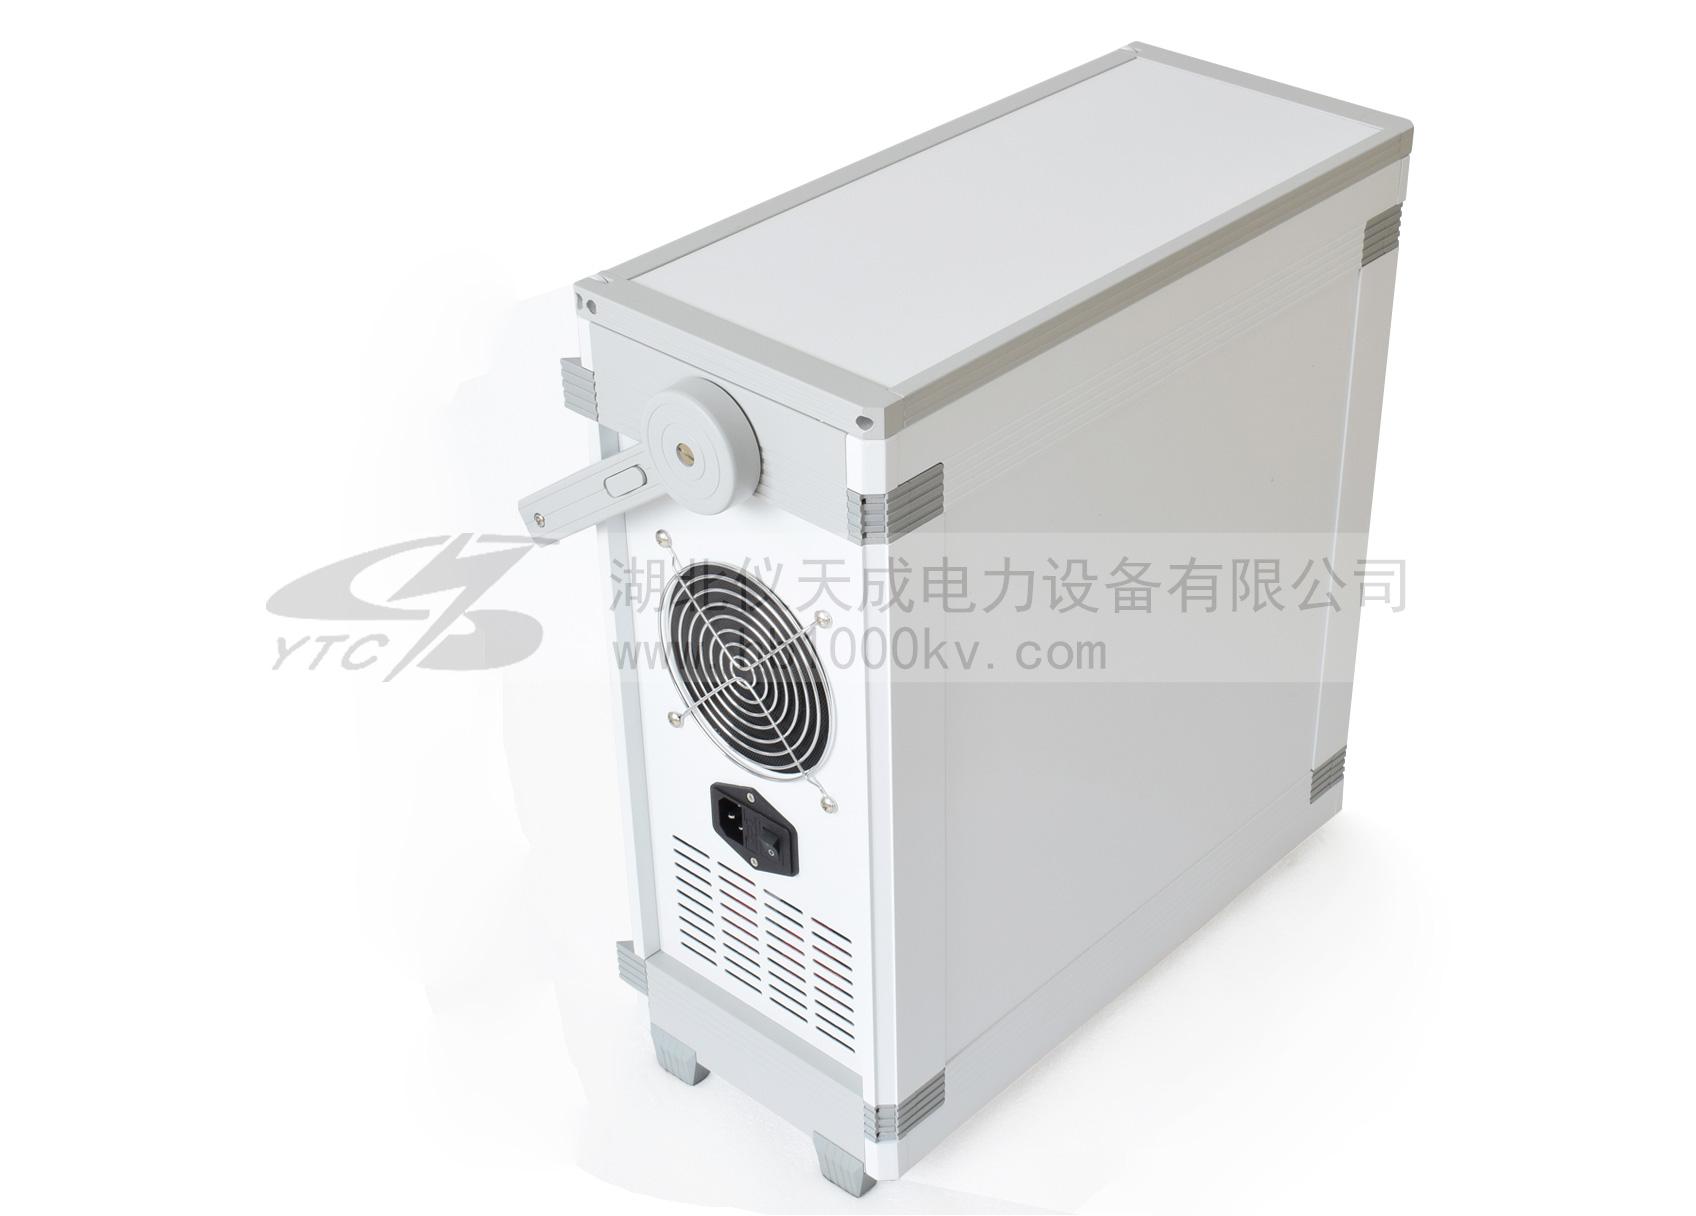 YTC860微机继电保护测试仪背面图